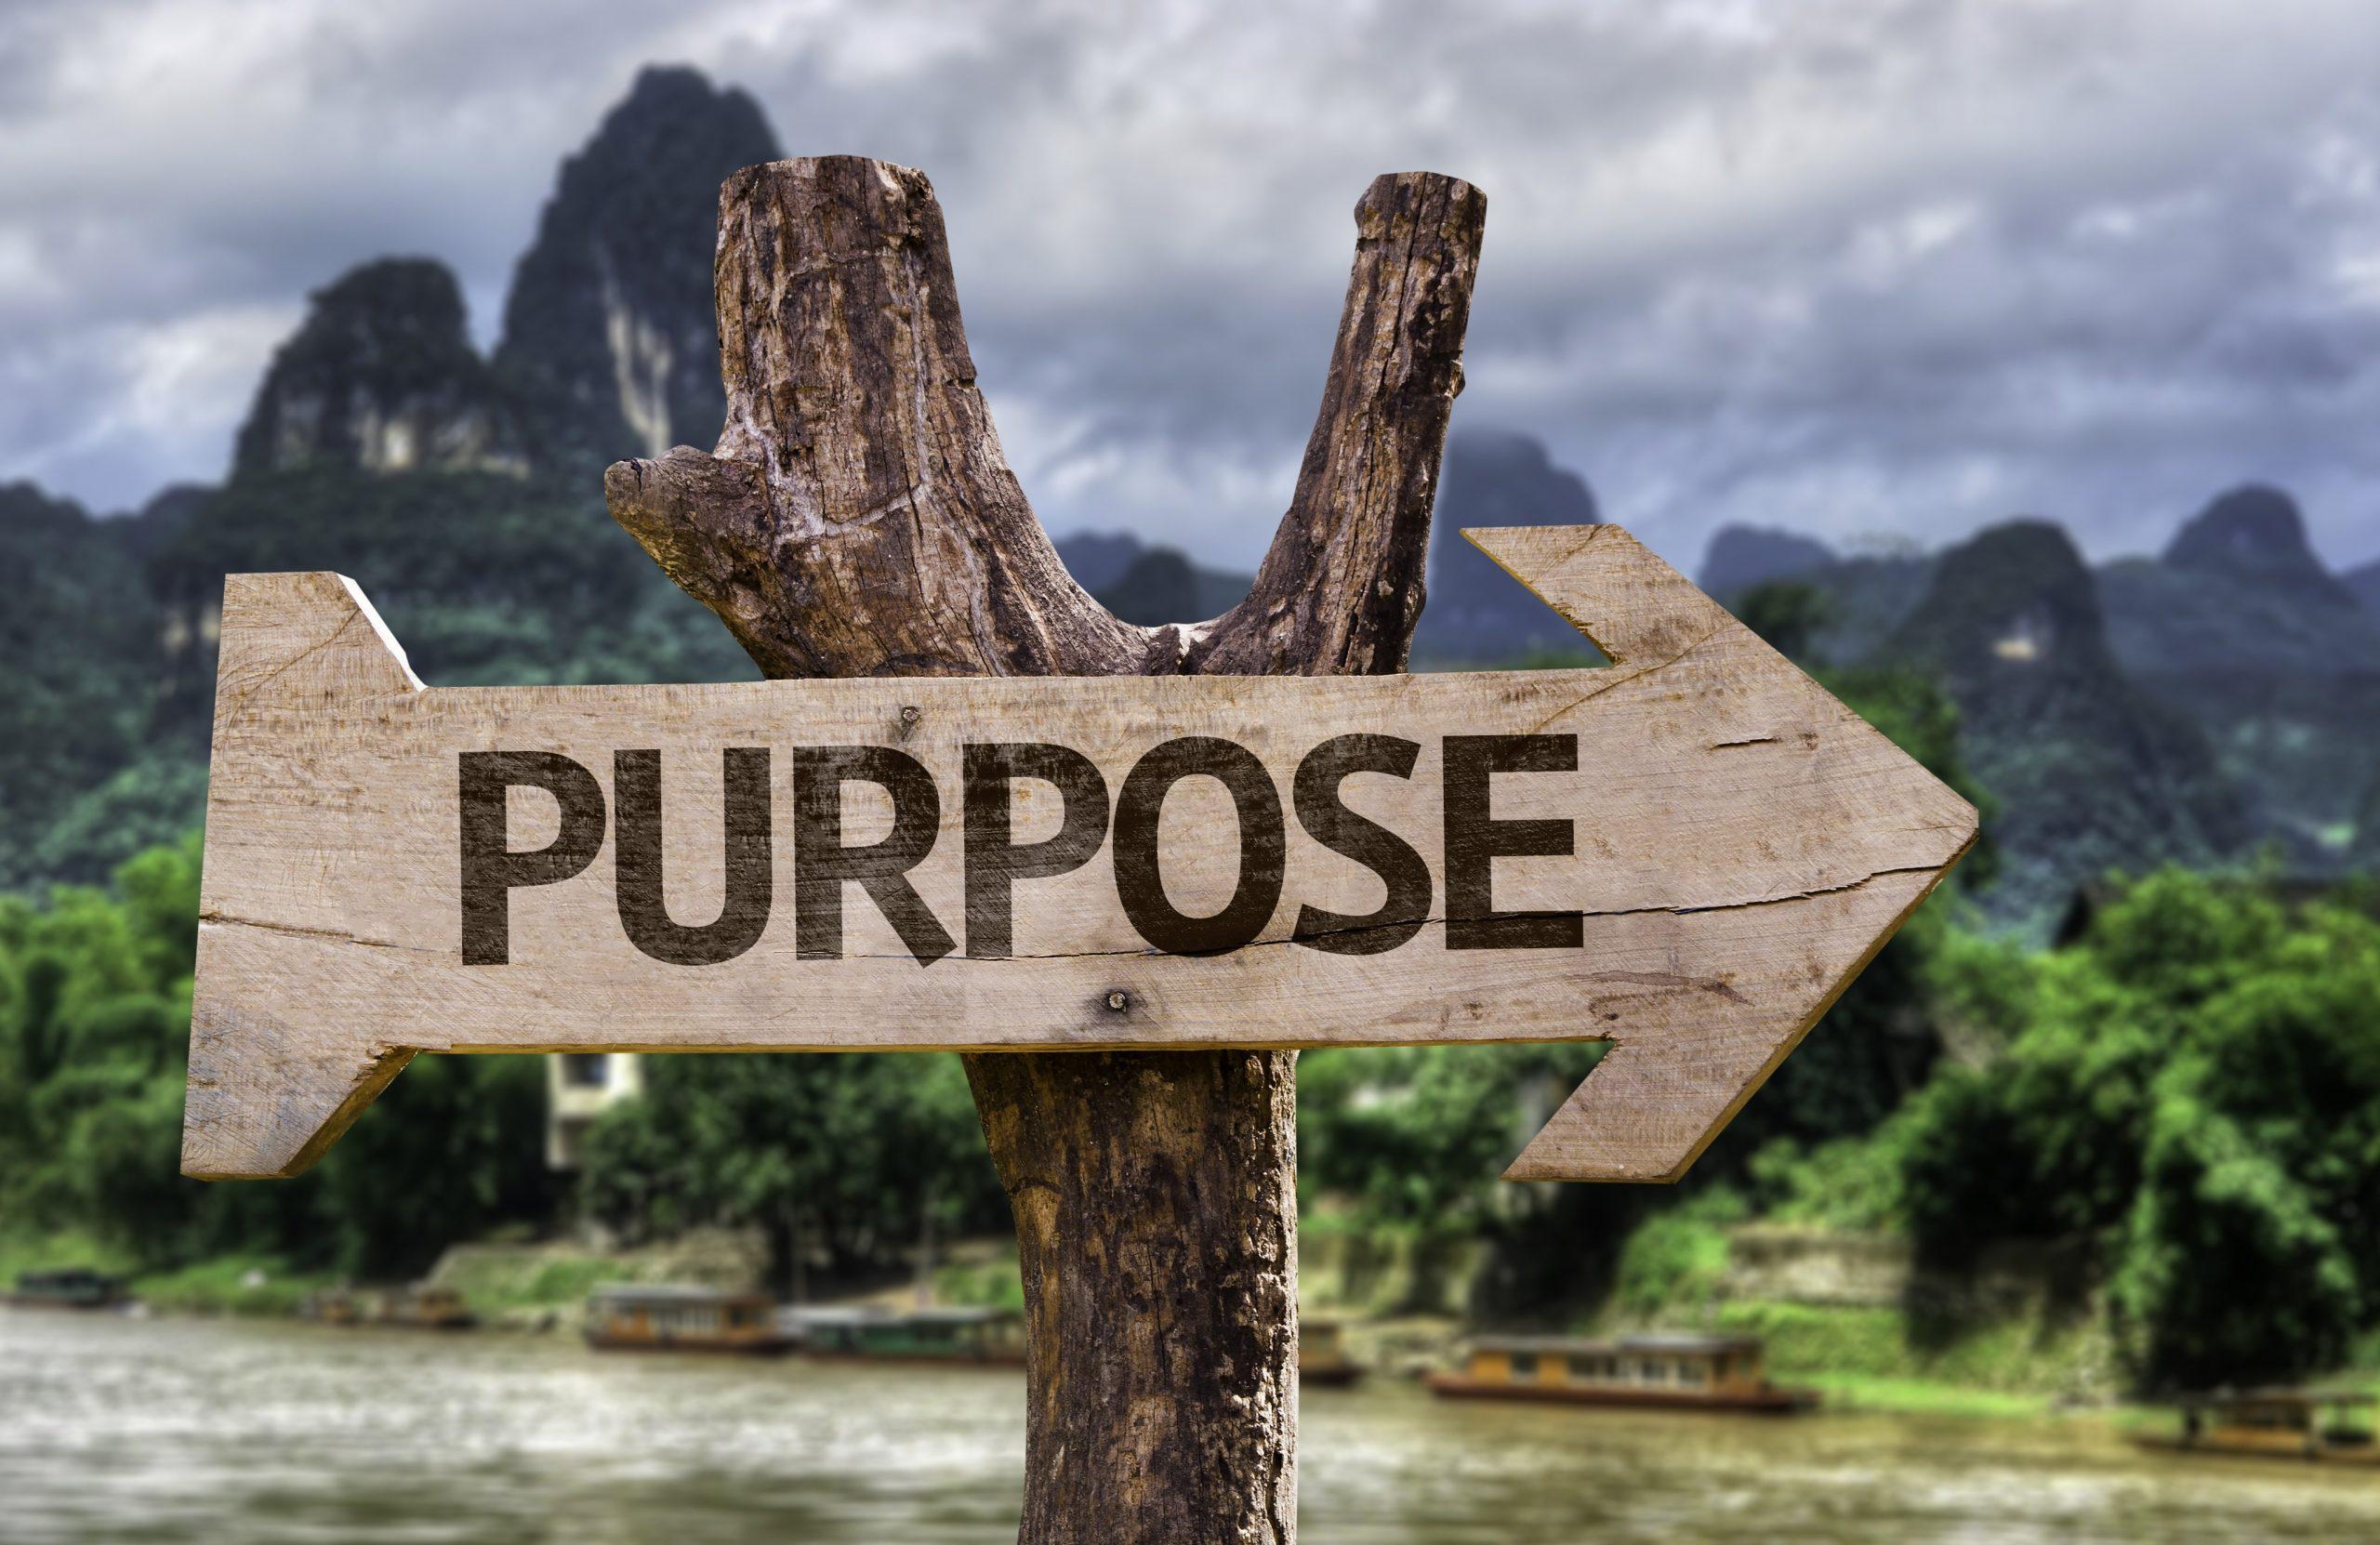 De gouden uil - Purpose - Misbruik